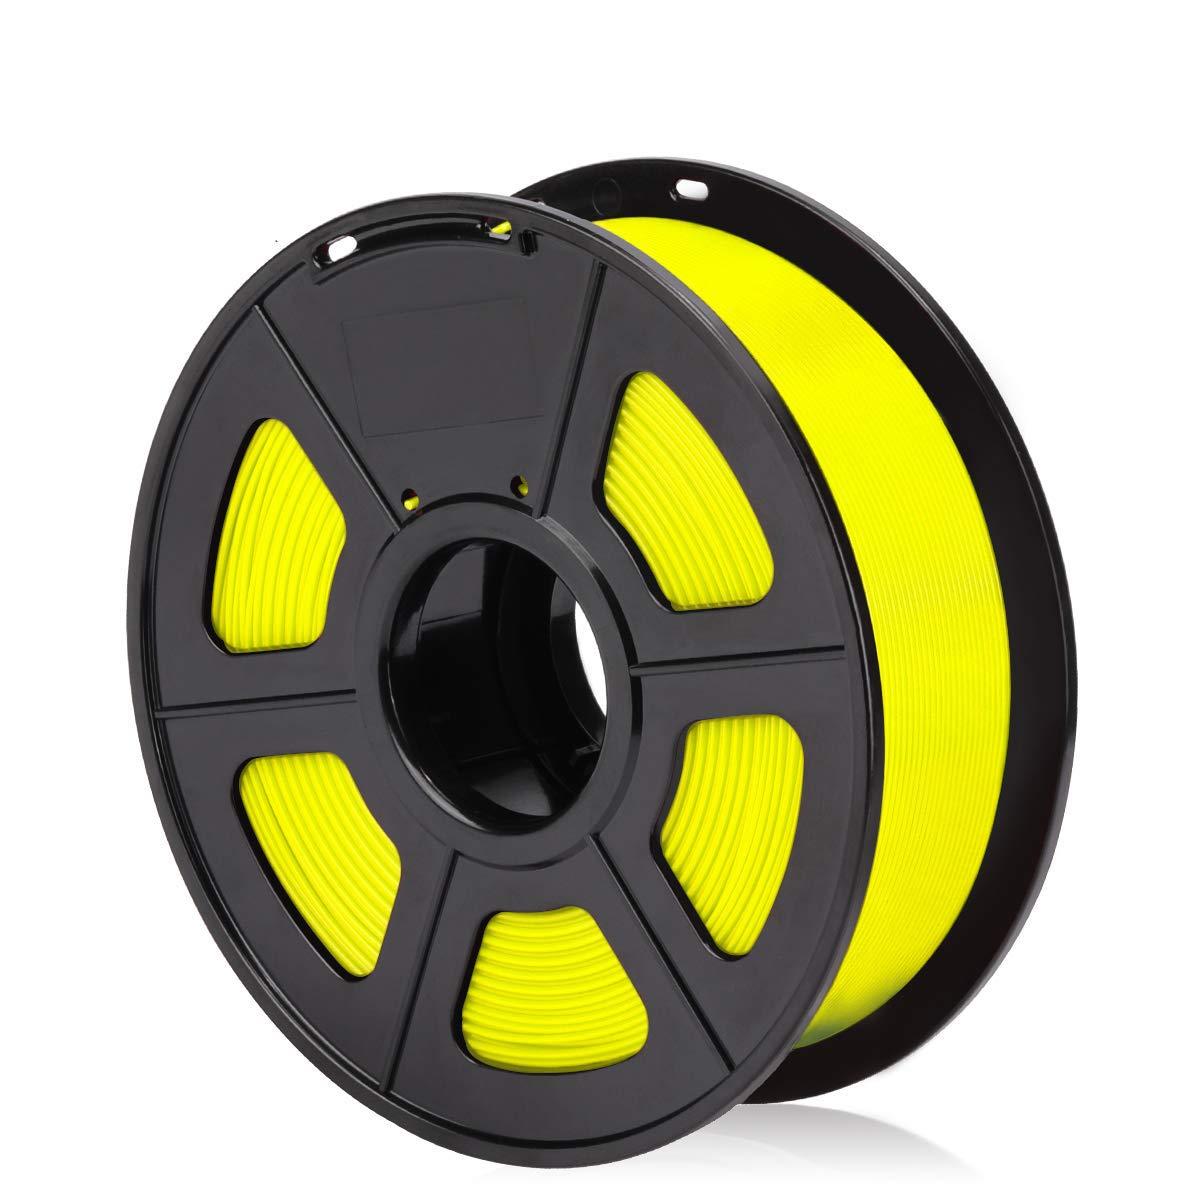 Filamento 3D de carrete para plumas 3D e impresoras 3D 2.2 LBS 1.75 mm 1 KG ACENIX/® Filamento 3D Fluorescente amarillo PLA para impresora 3D